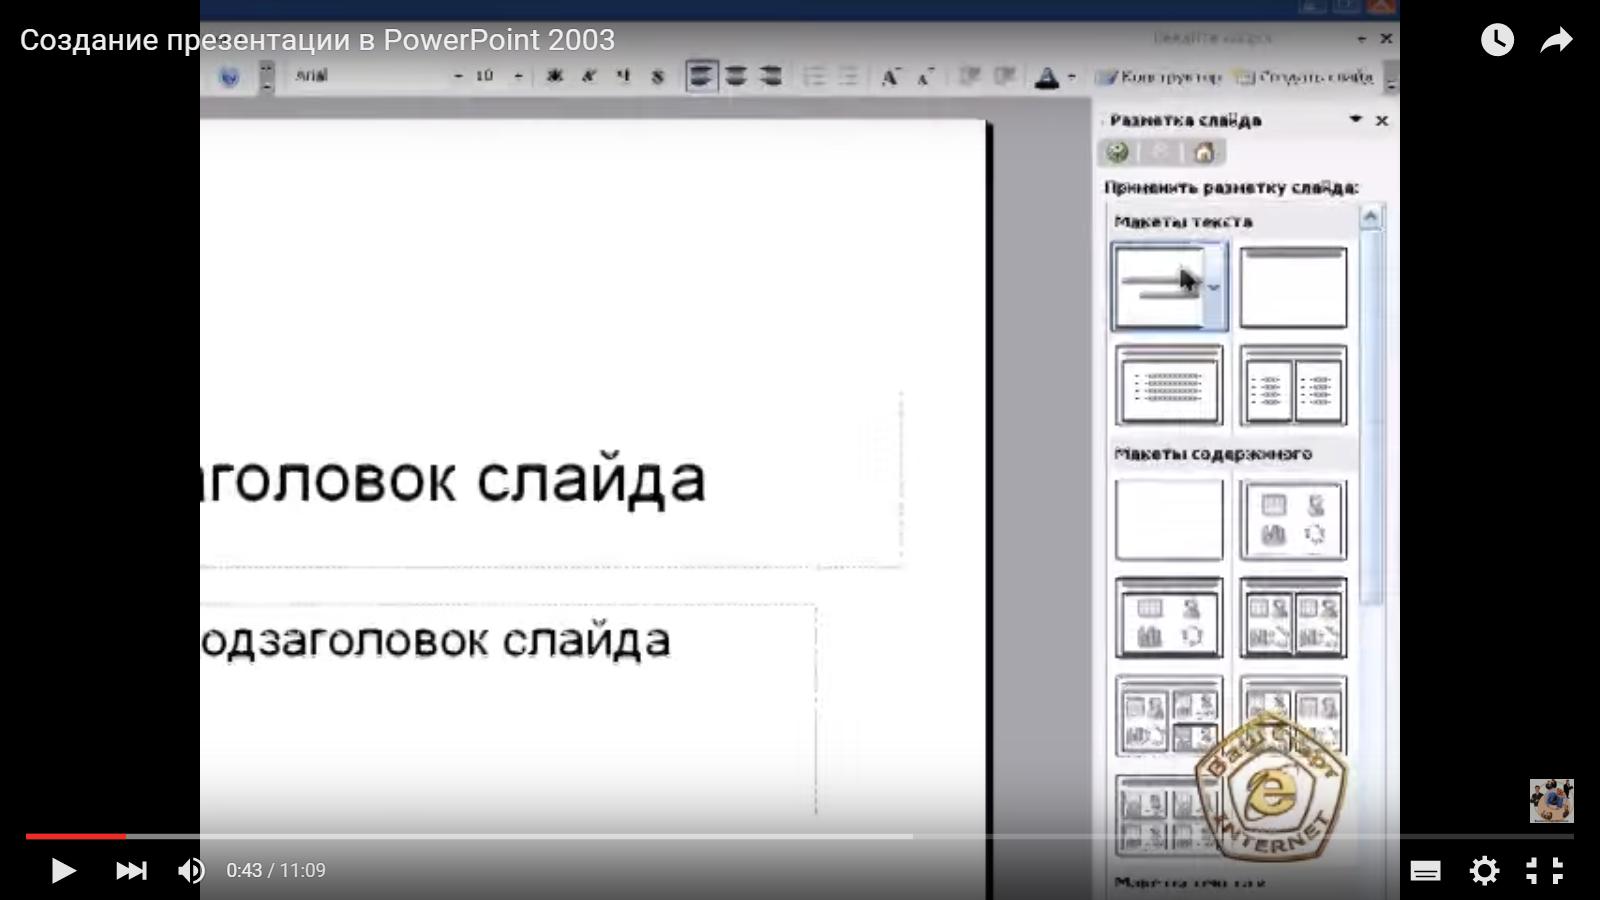 Как сделать фон в powerpoint 2003